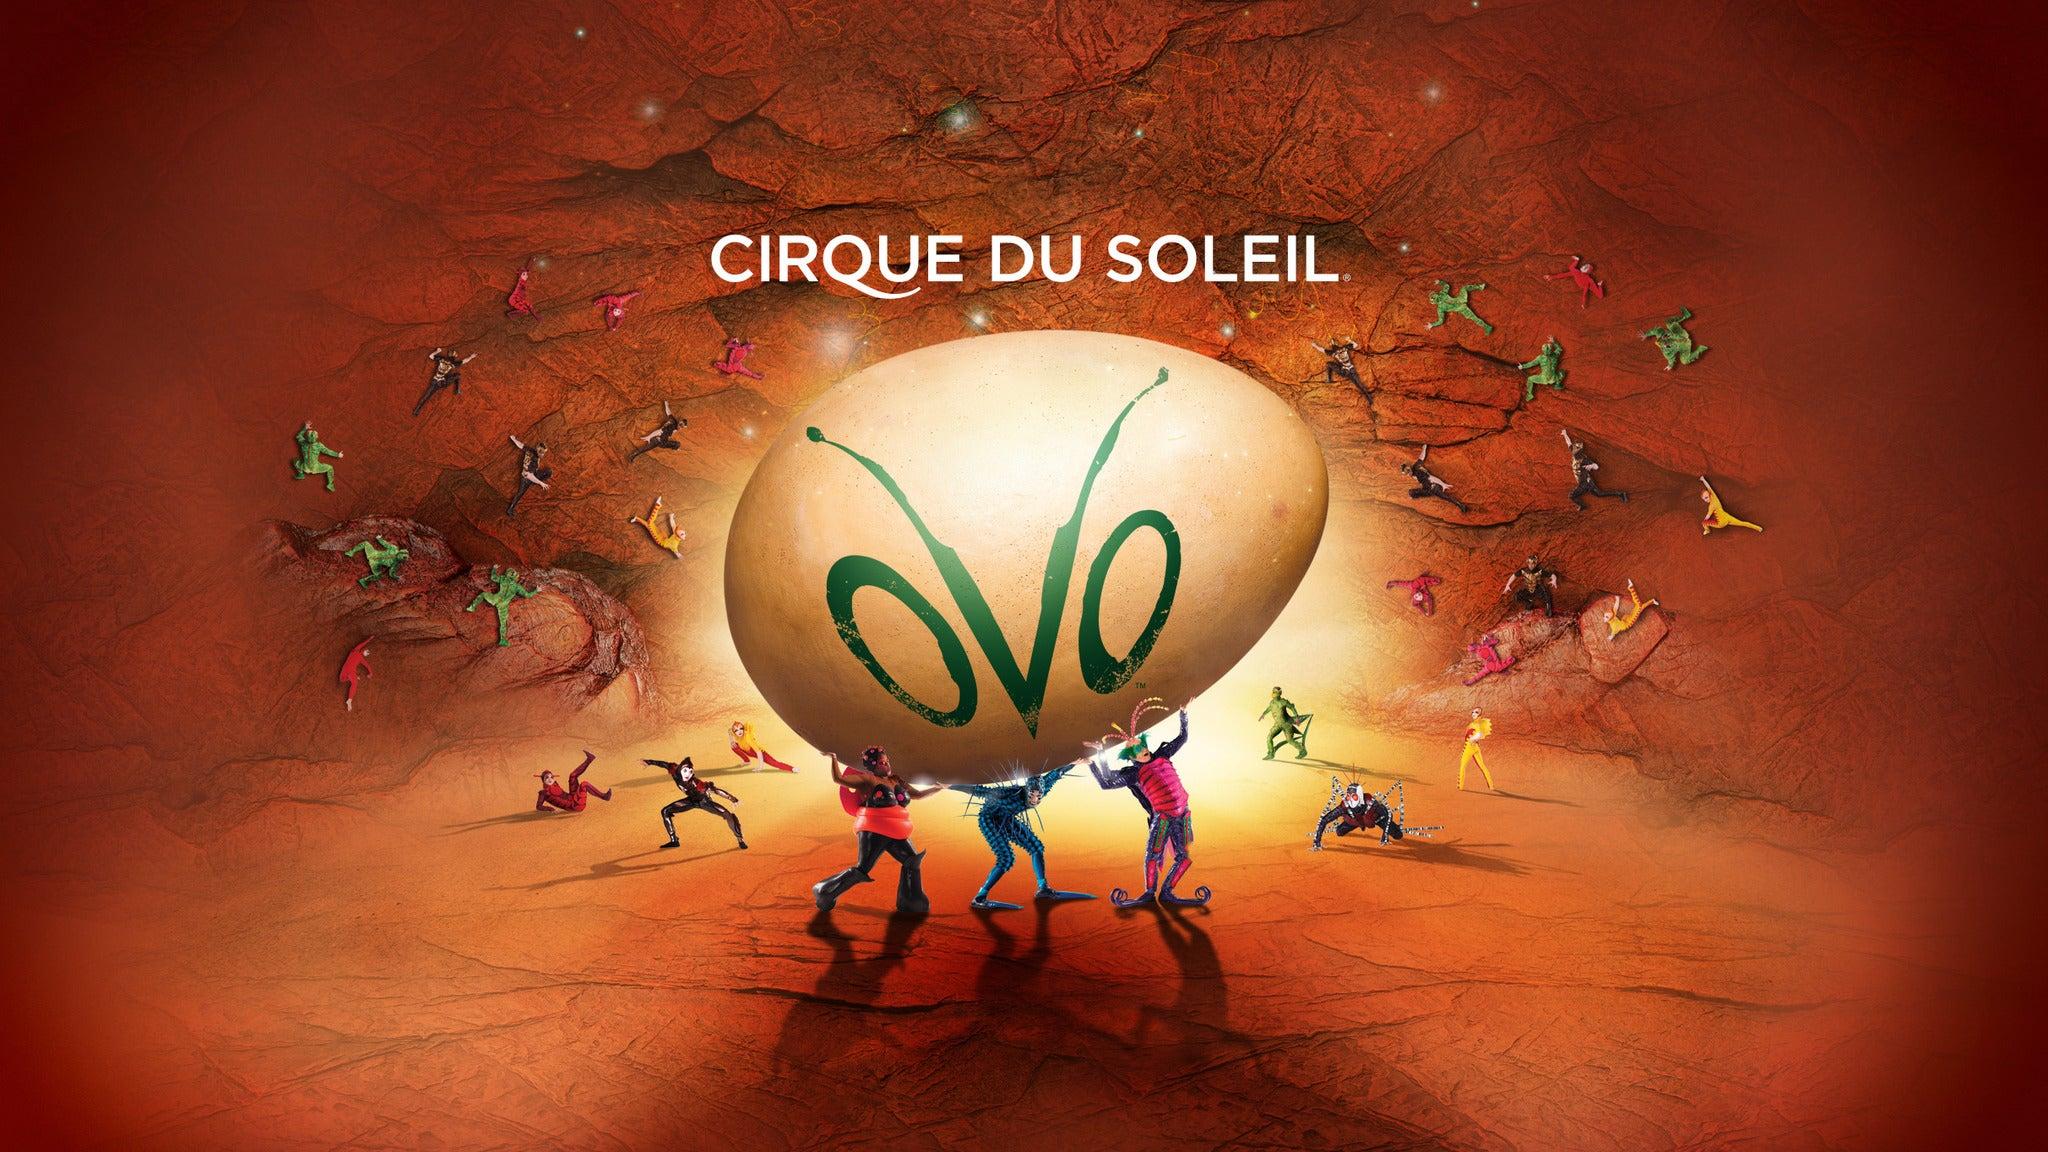 Cirque du Soleil: OVO at Verizon Wireless Arena - Manchester